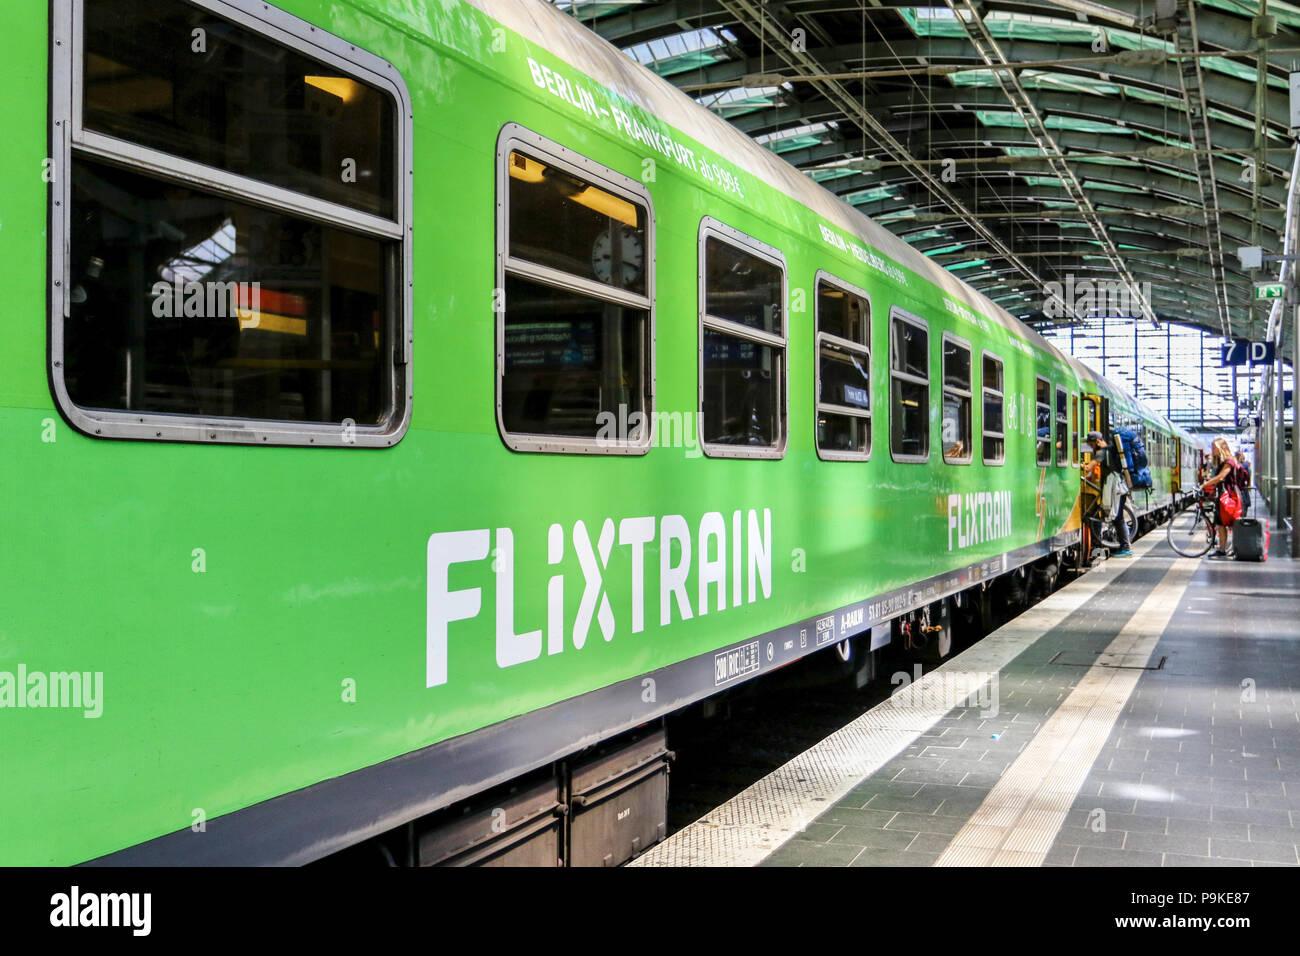 Flixtrain von Berlin nach Stuttgart am 13. Juli 2018 bei einem Zwischenhalt im Berliner Ostbahnhof. - Stock Image